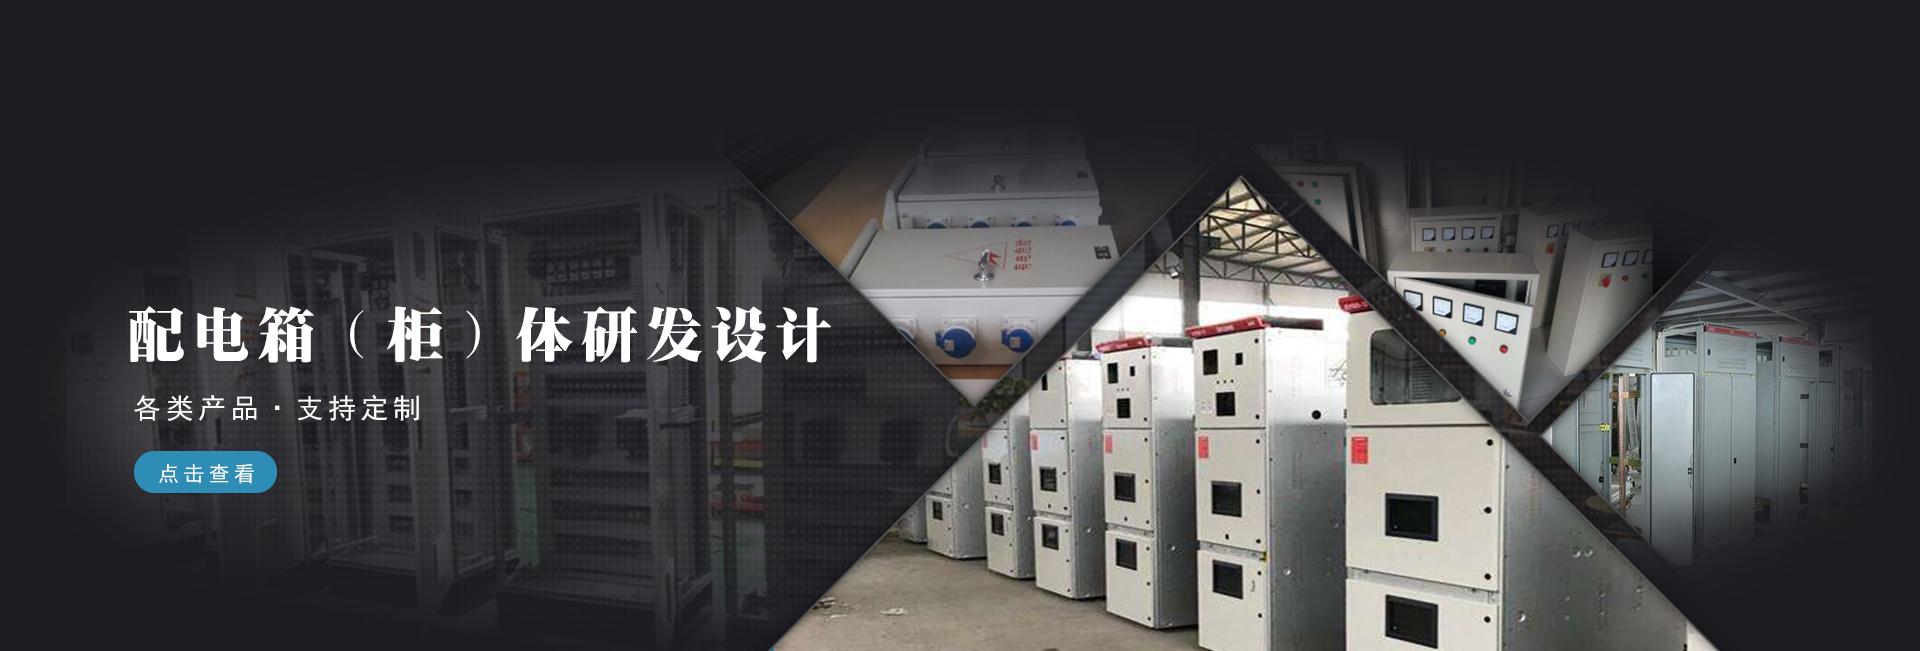 低压配电柜柜体